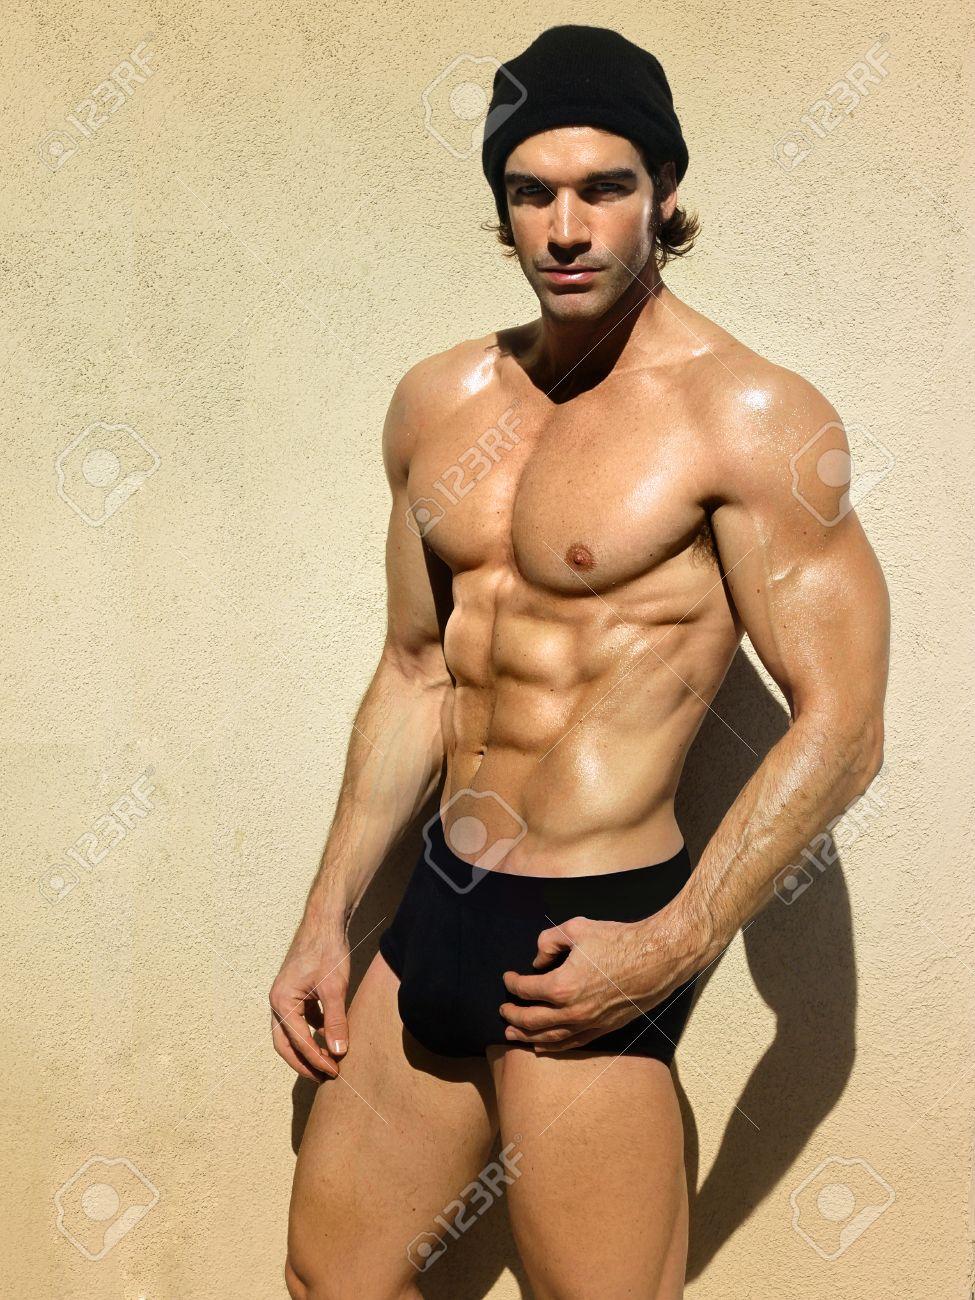 Homme musclé beau sportif et en bonne santé Banque d'images - 31522838